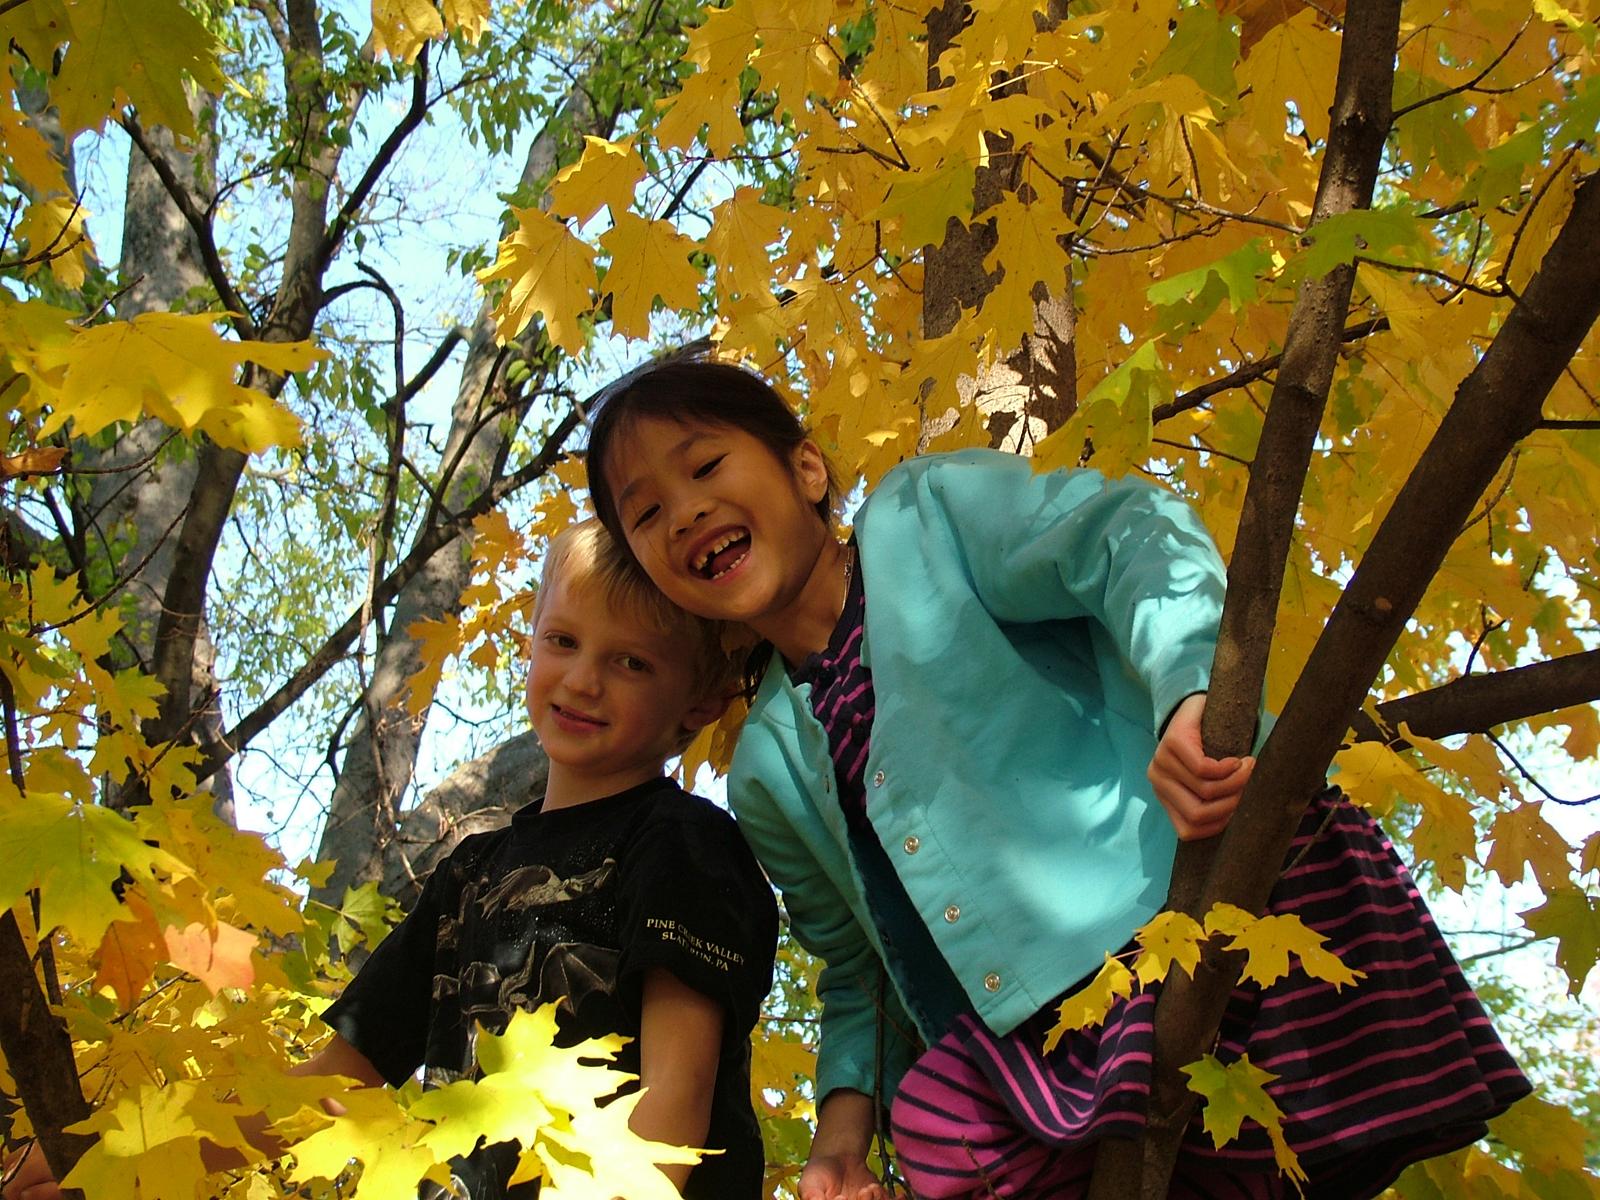 sisters-1308742.jpg